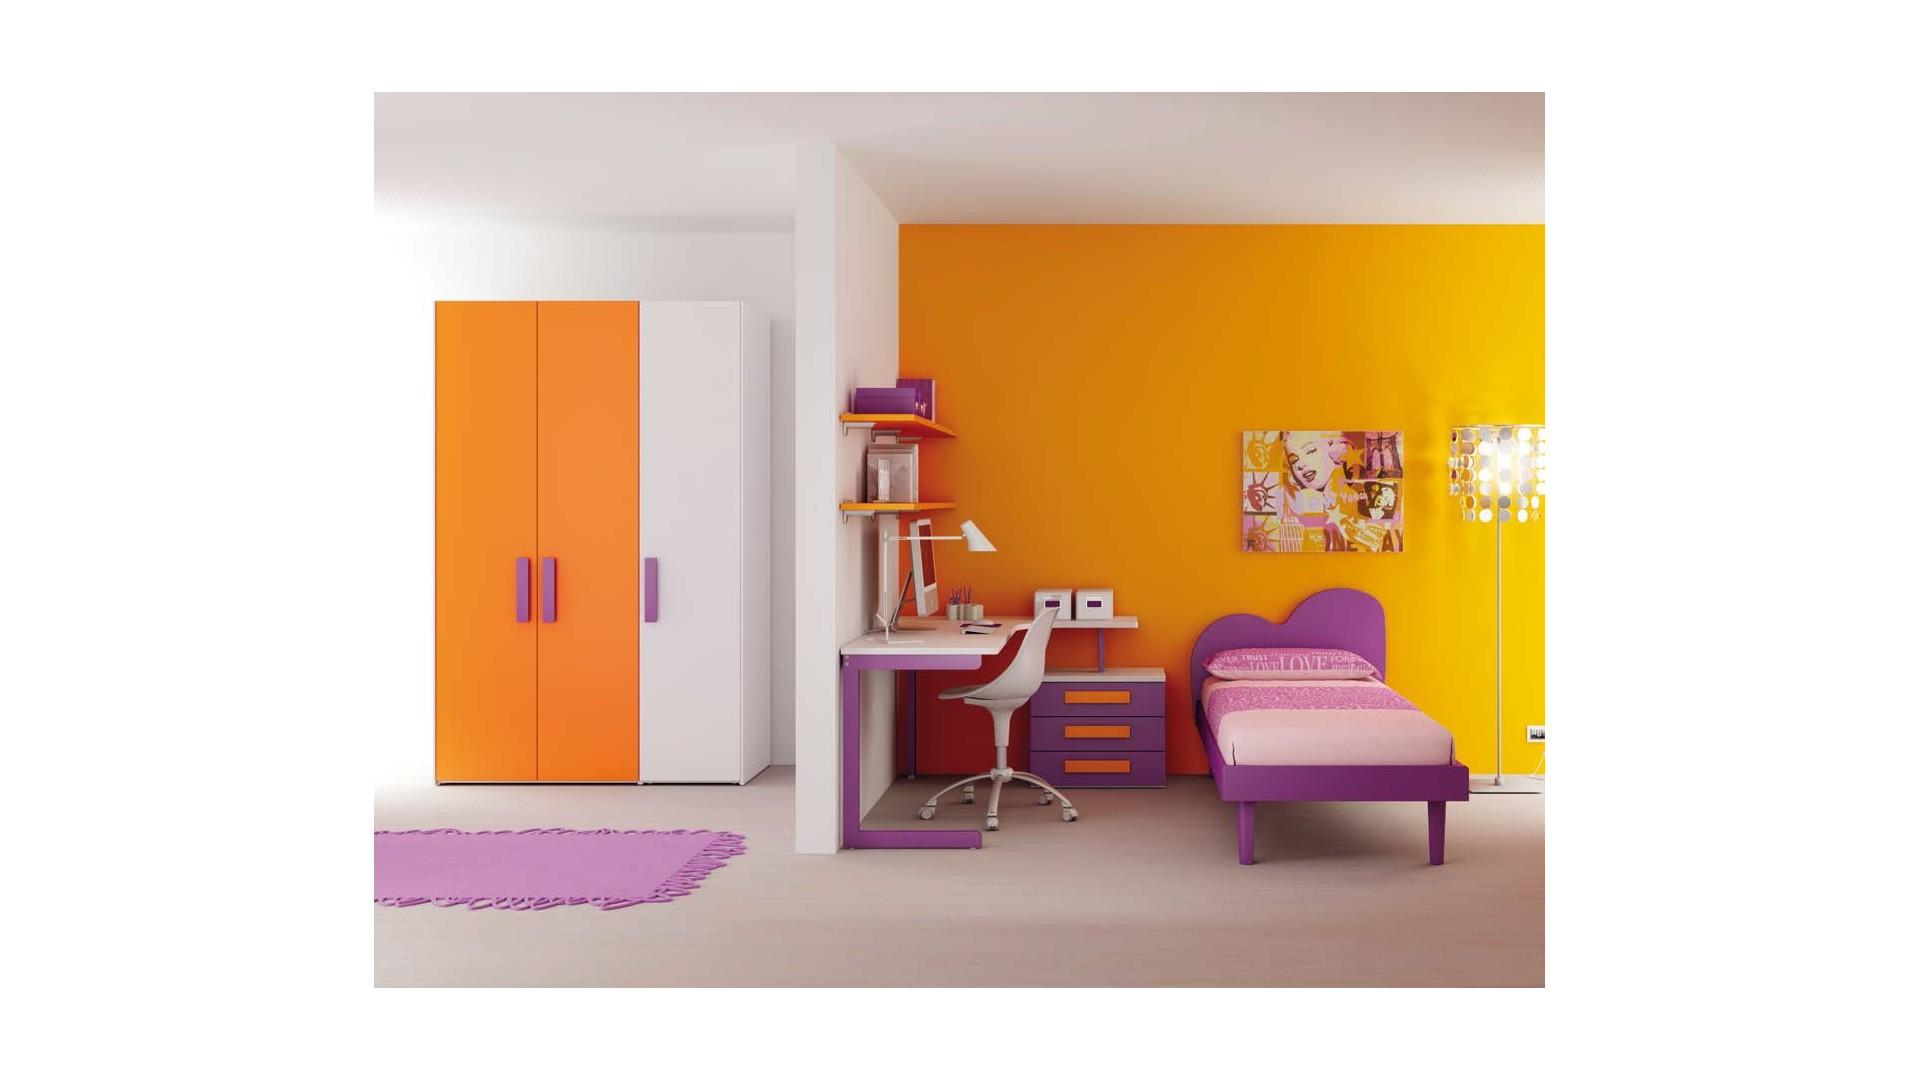 Chambre enfant PERSONNALISABLE LH14 lit 1 personne - MORETTI COMPACT